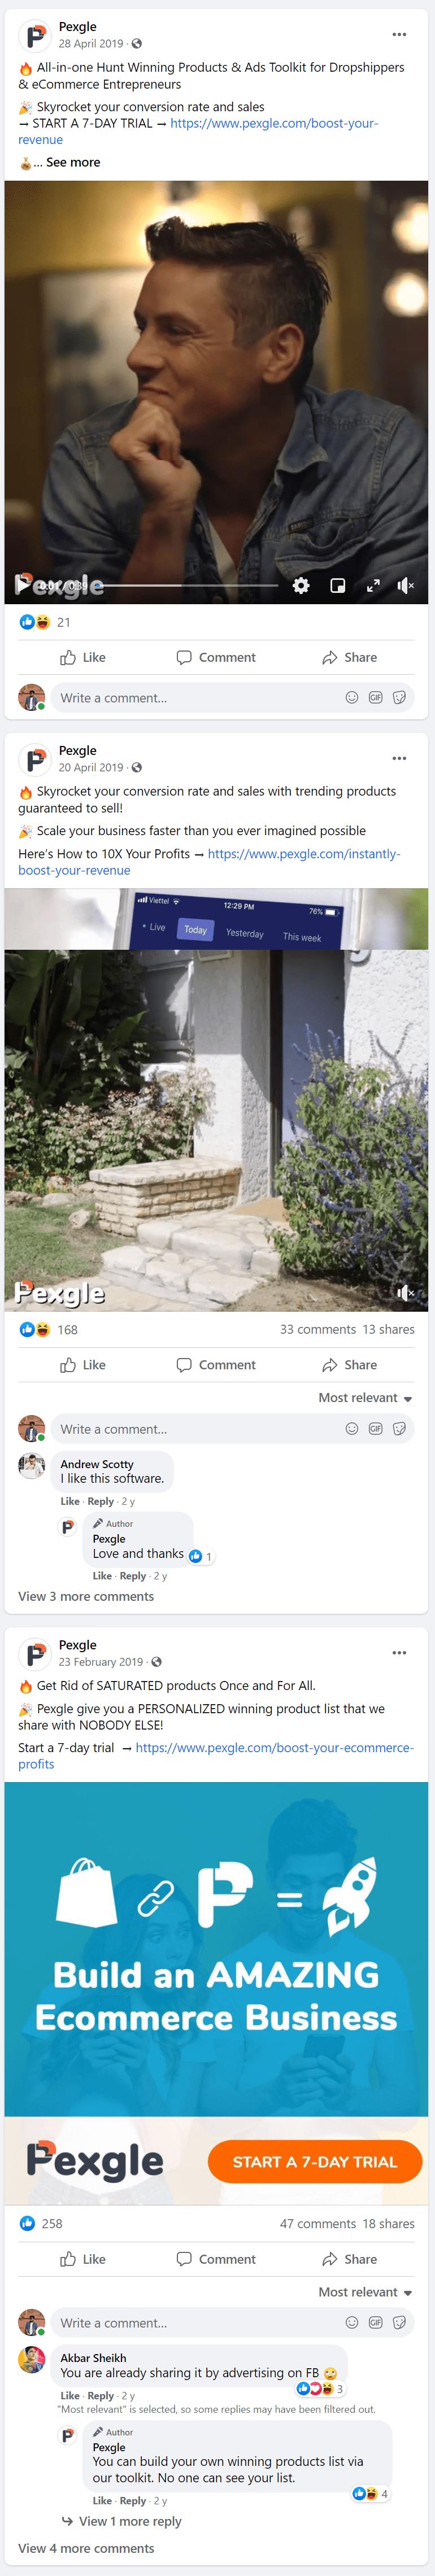 Pexgle-Facebook